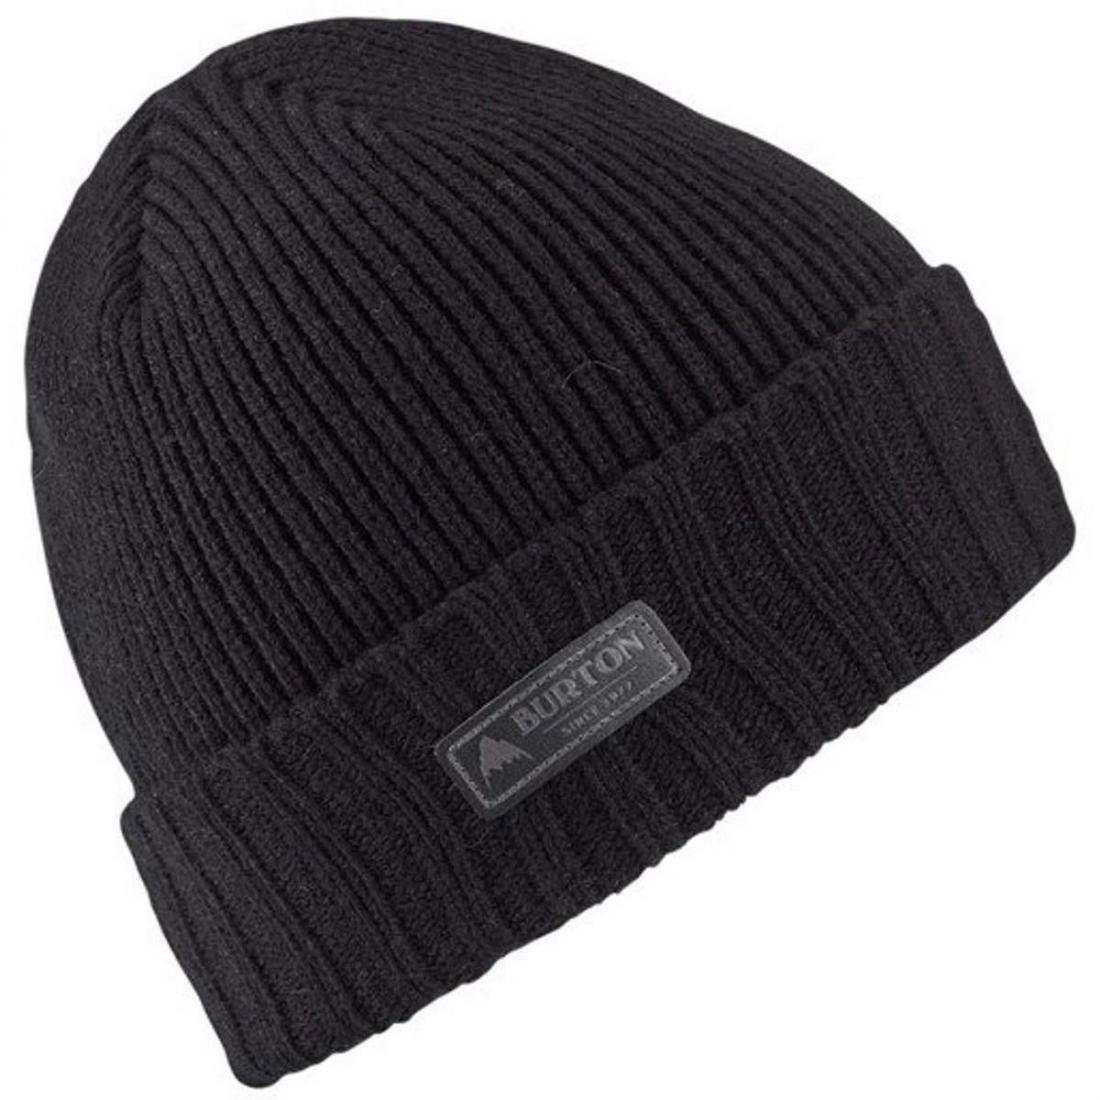 Шапка MNS GRINGO BNIEШапки<br><br> Стильная зимняя шапка Burton Gringo американского бренда Burton - отличный вариант для холодной погоды. Теплая классическая шапка с отворотом прекрасно сочетается с любой верхней одеждой.<br><br><br>Дизайн с отворотом;<br>Облегающий ...